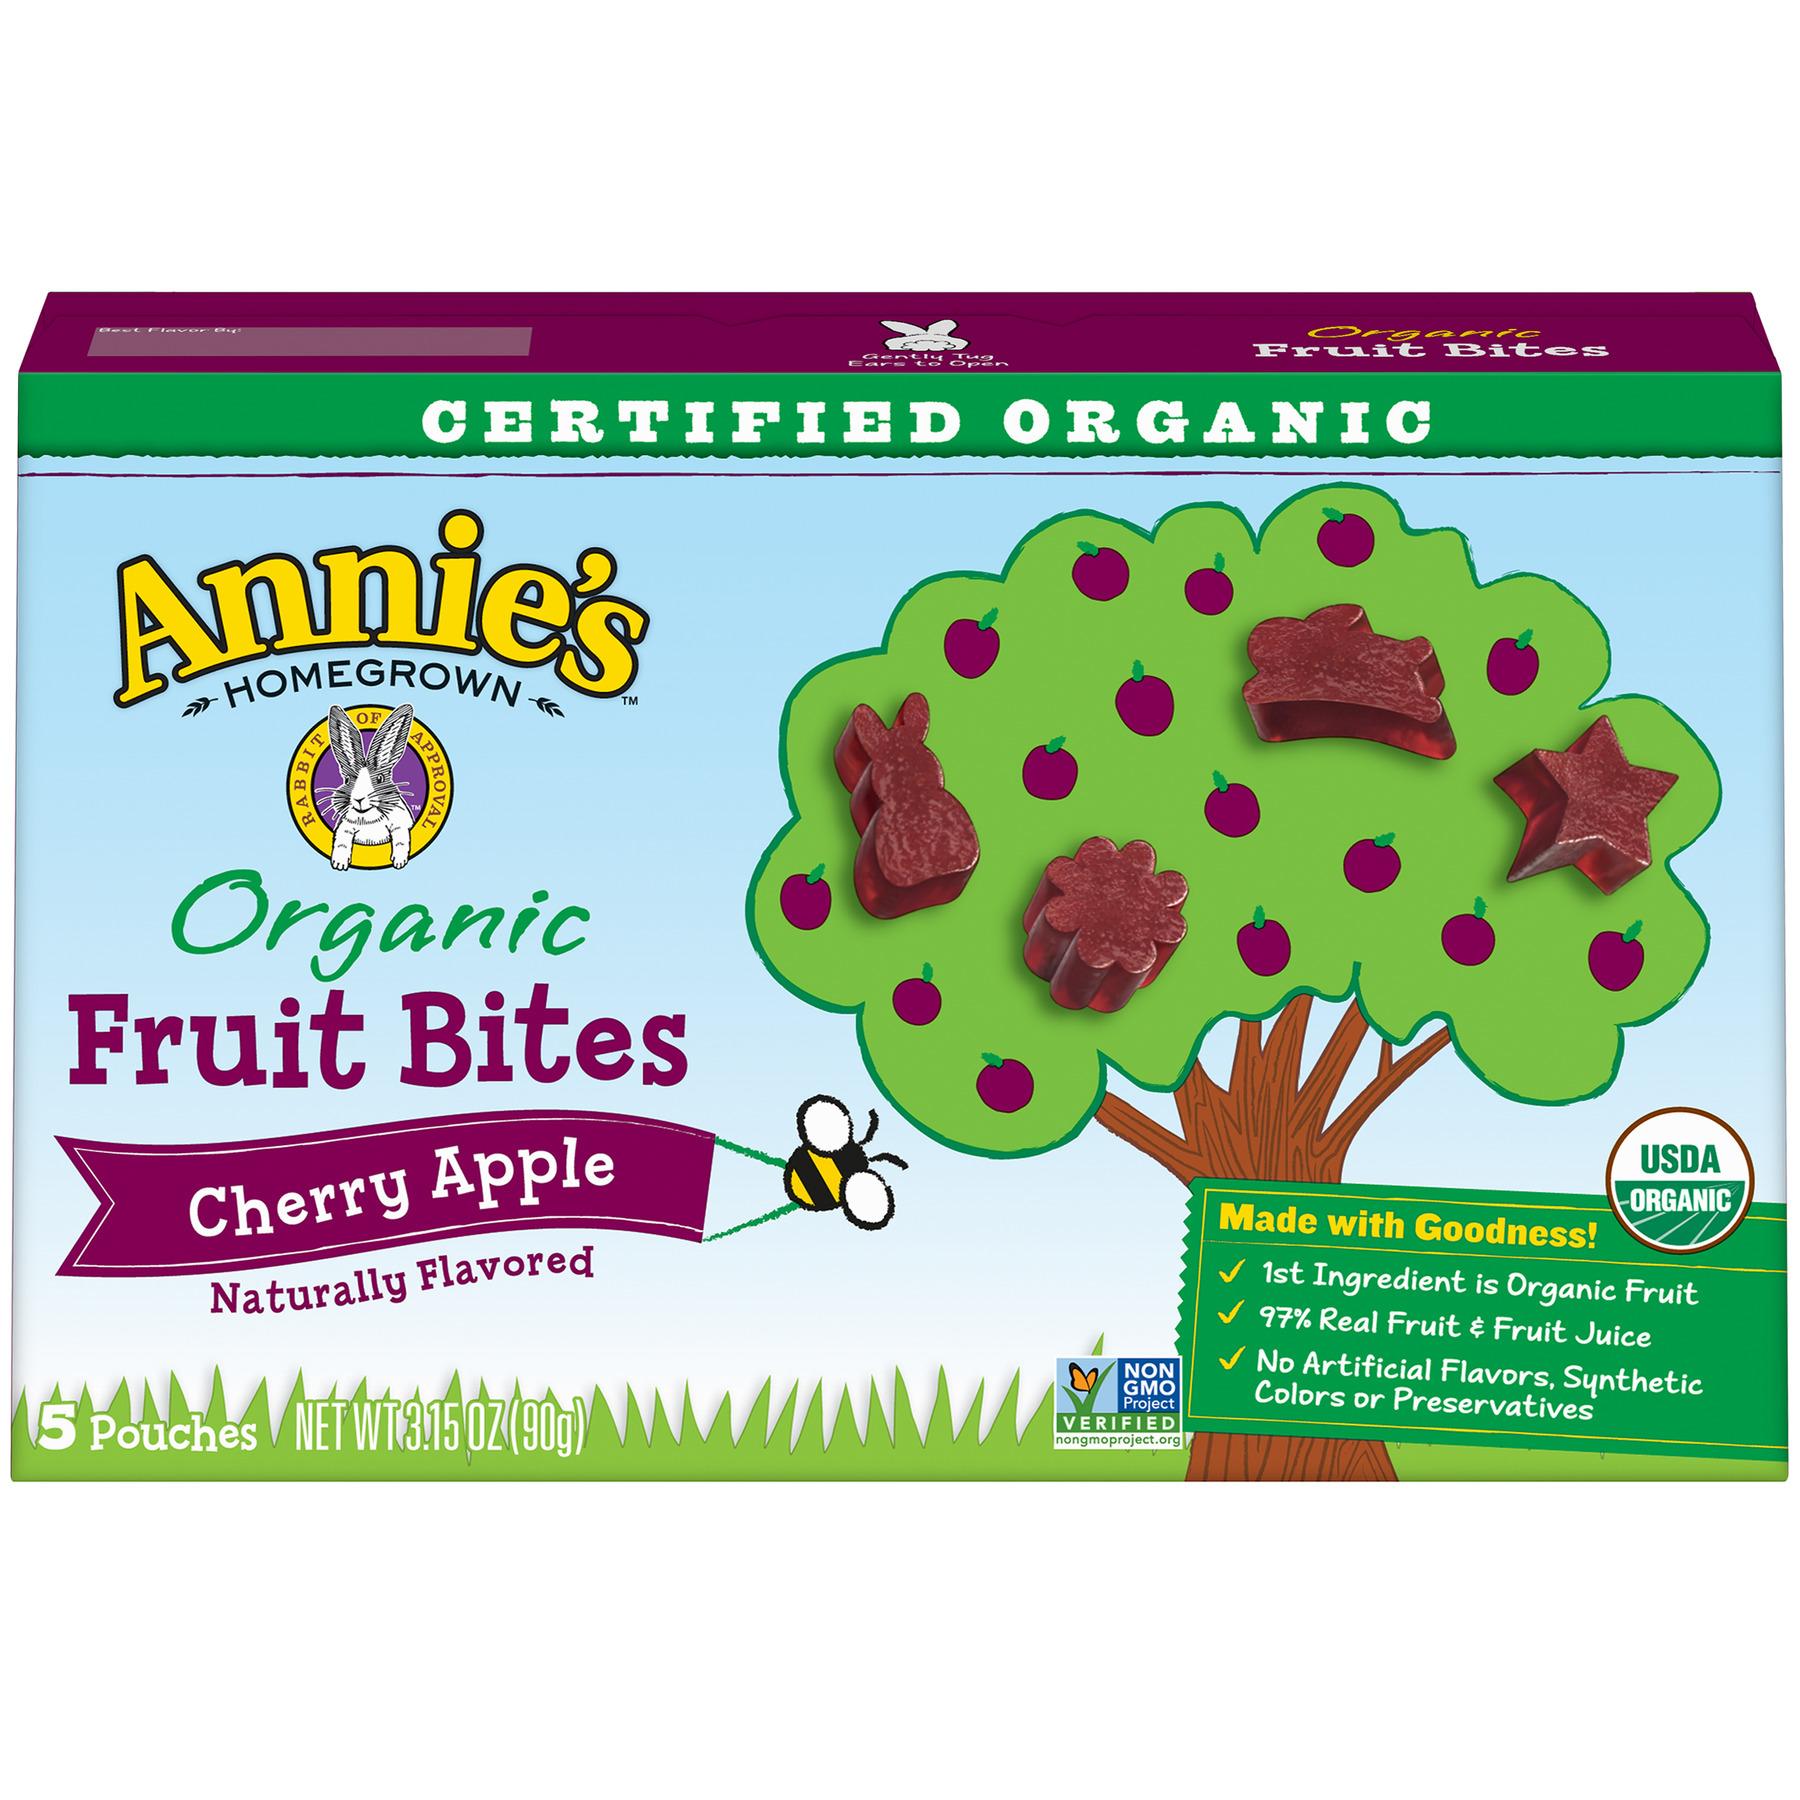 Annie's Organic, Gluten Free, Cherry Apple Fruit Bites, 5 ct, 3.15 oz